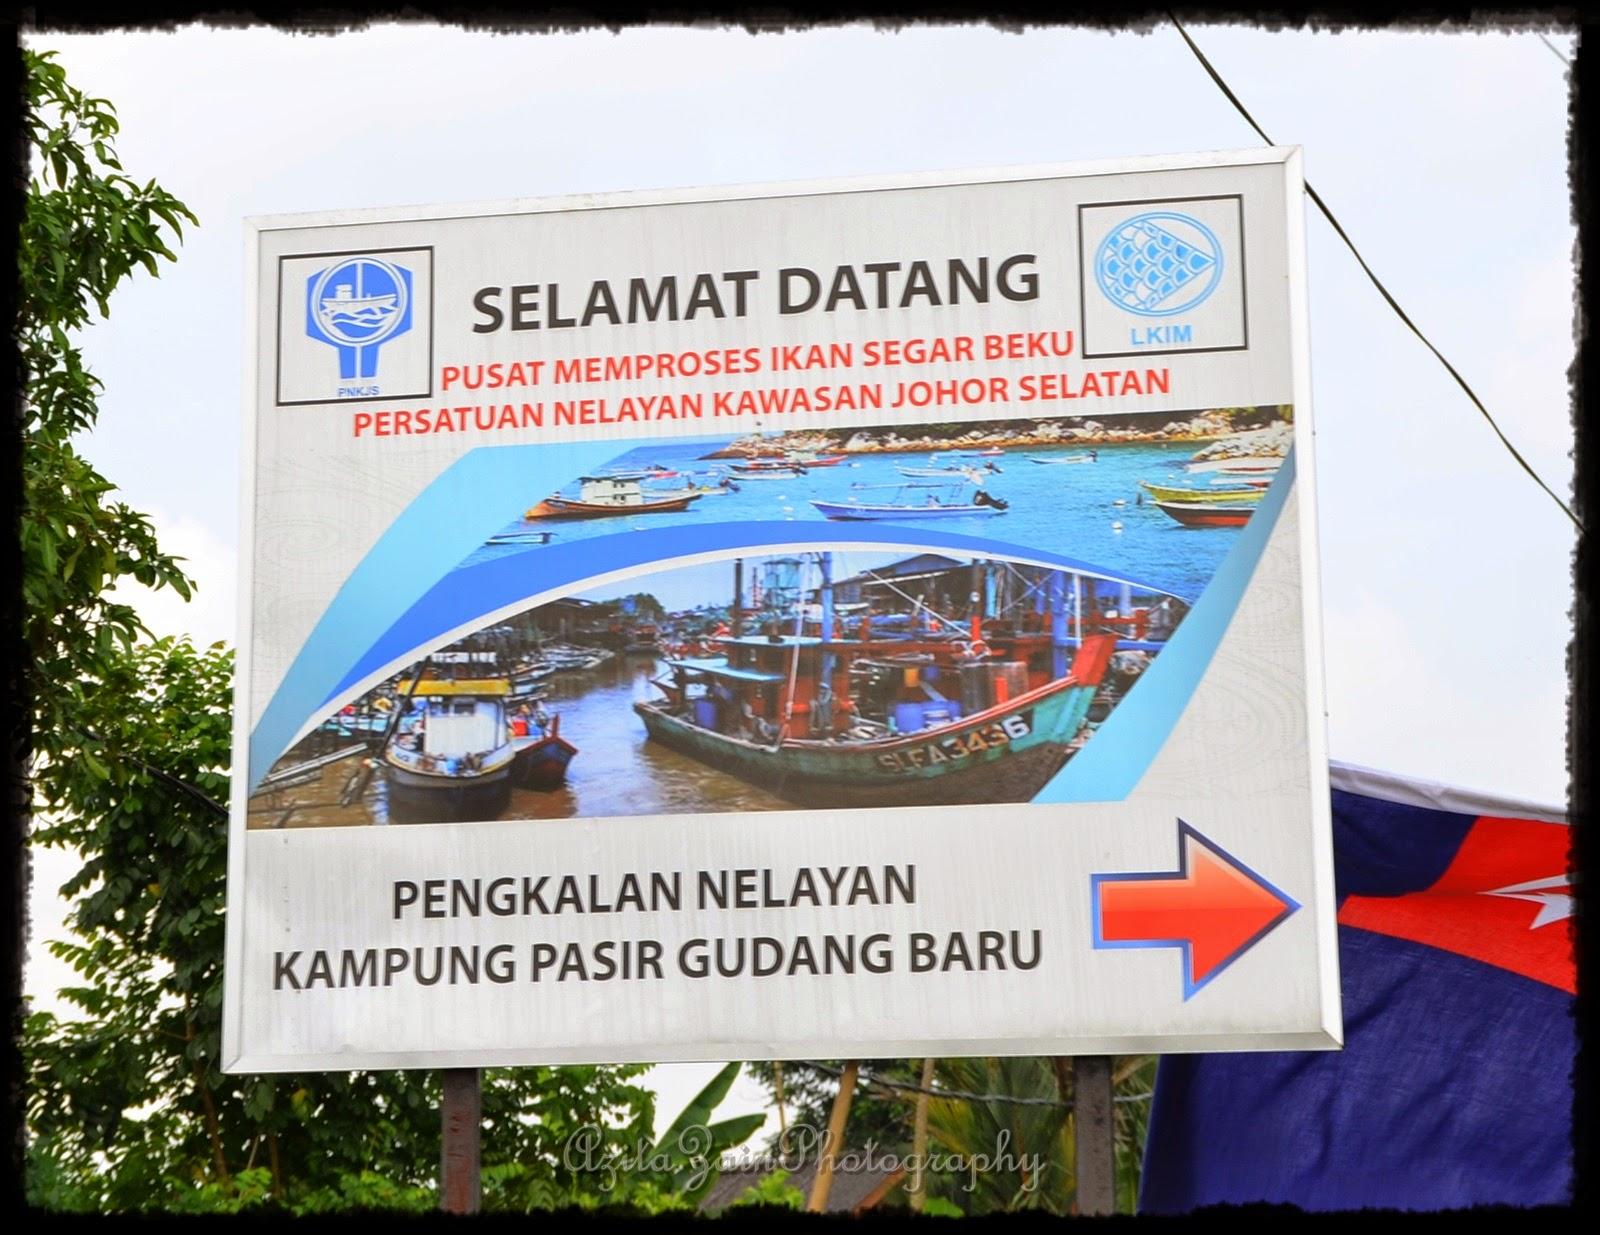 Prostitutes Kampung Pasir Gudang Baru